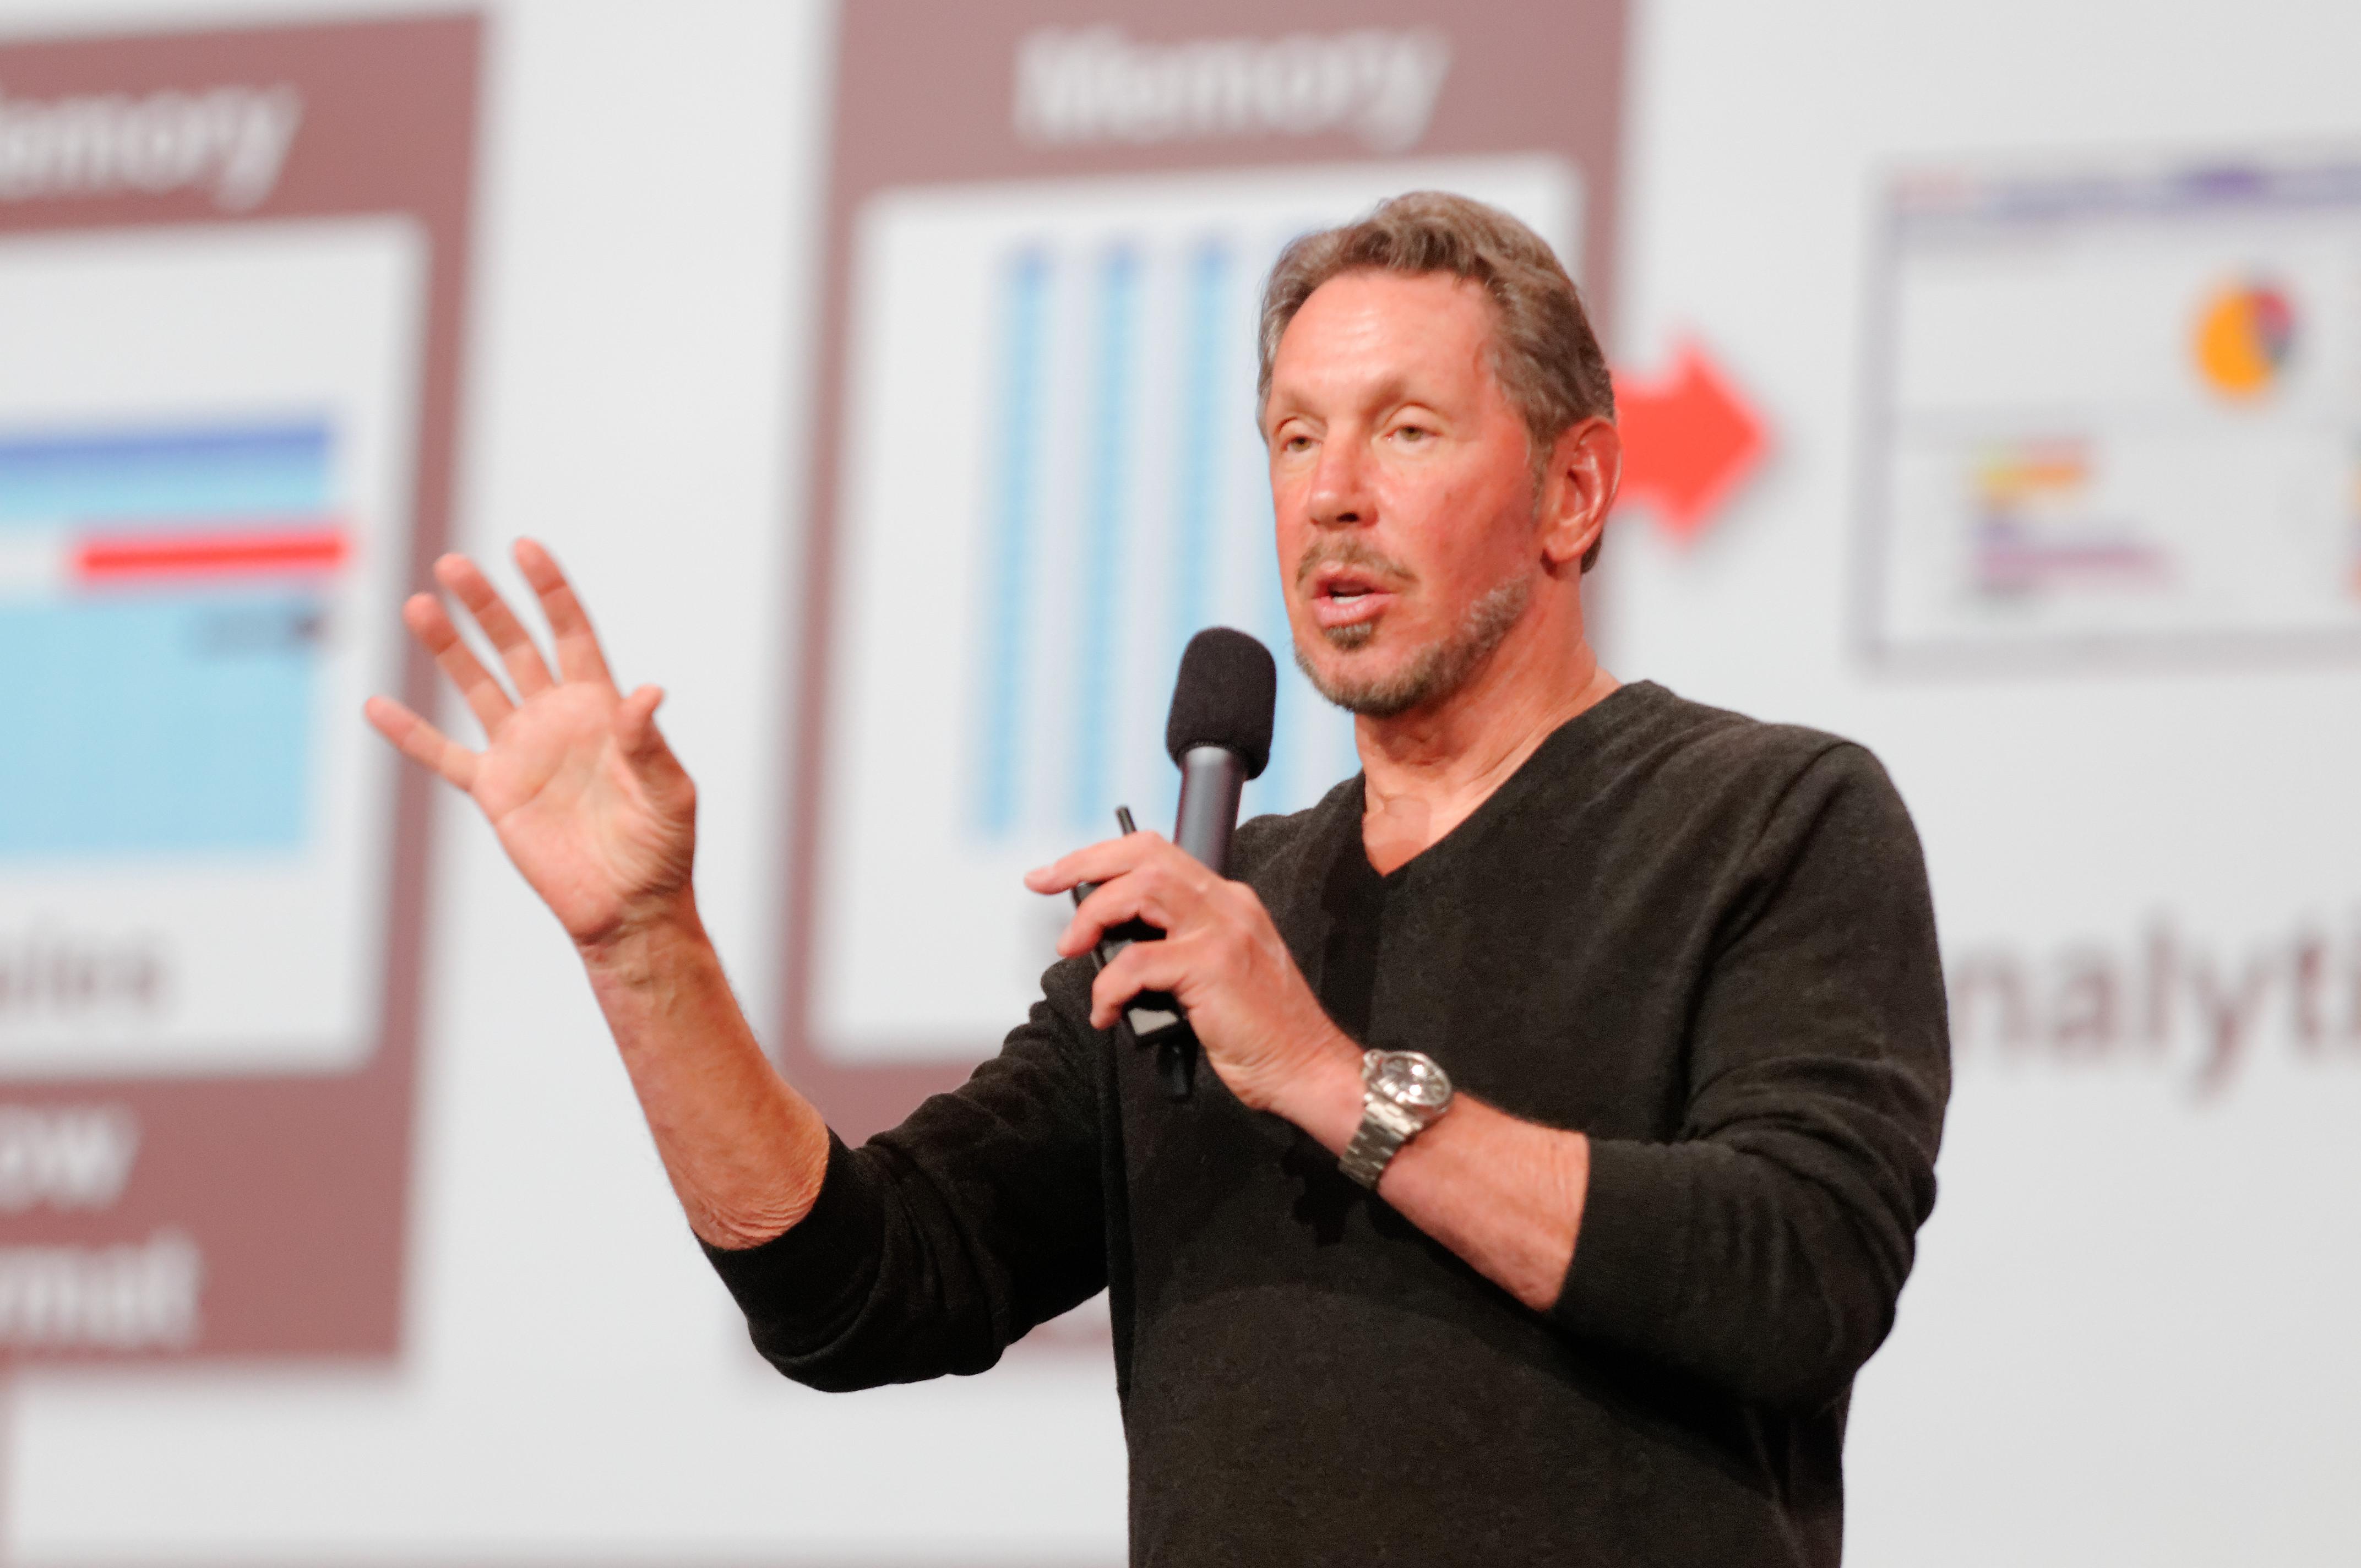 8 miliarderów, którzywybrali biznes zamiast studiów - Larry Ellison (Oracle)